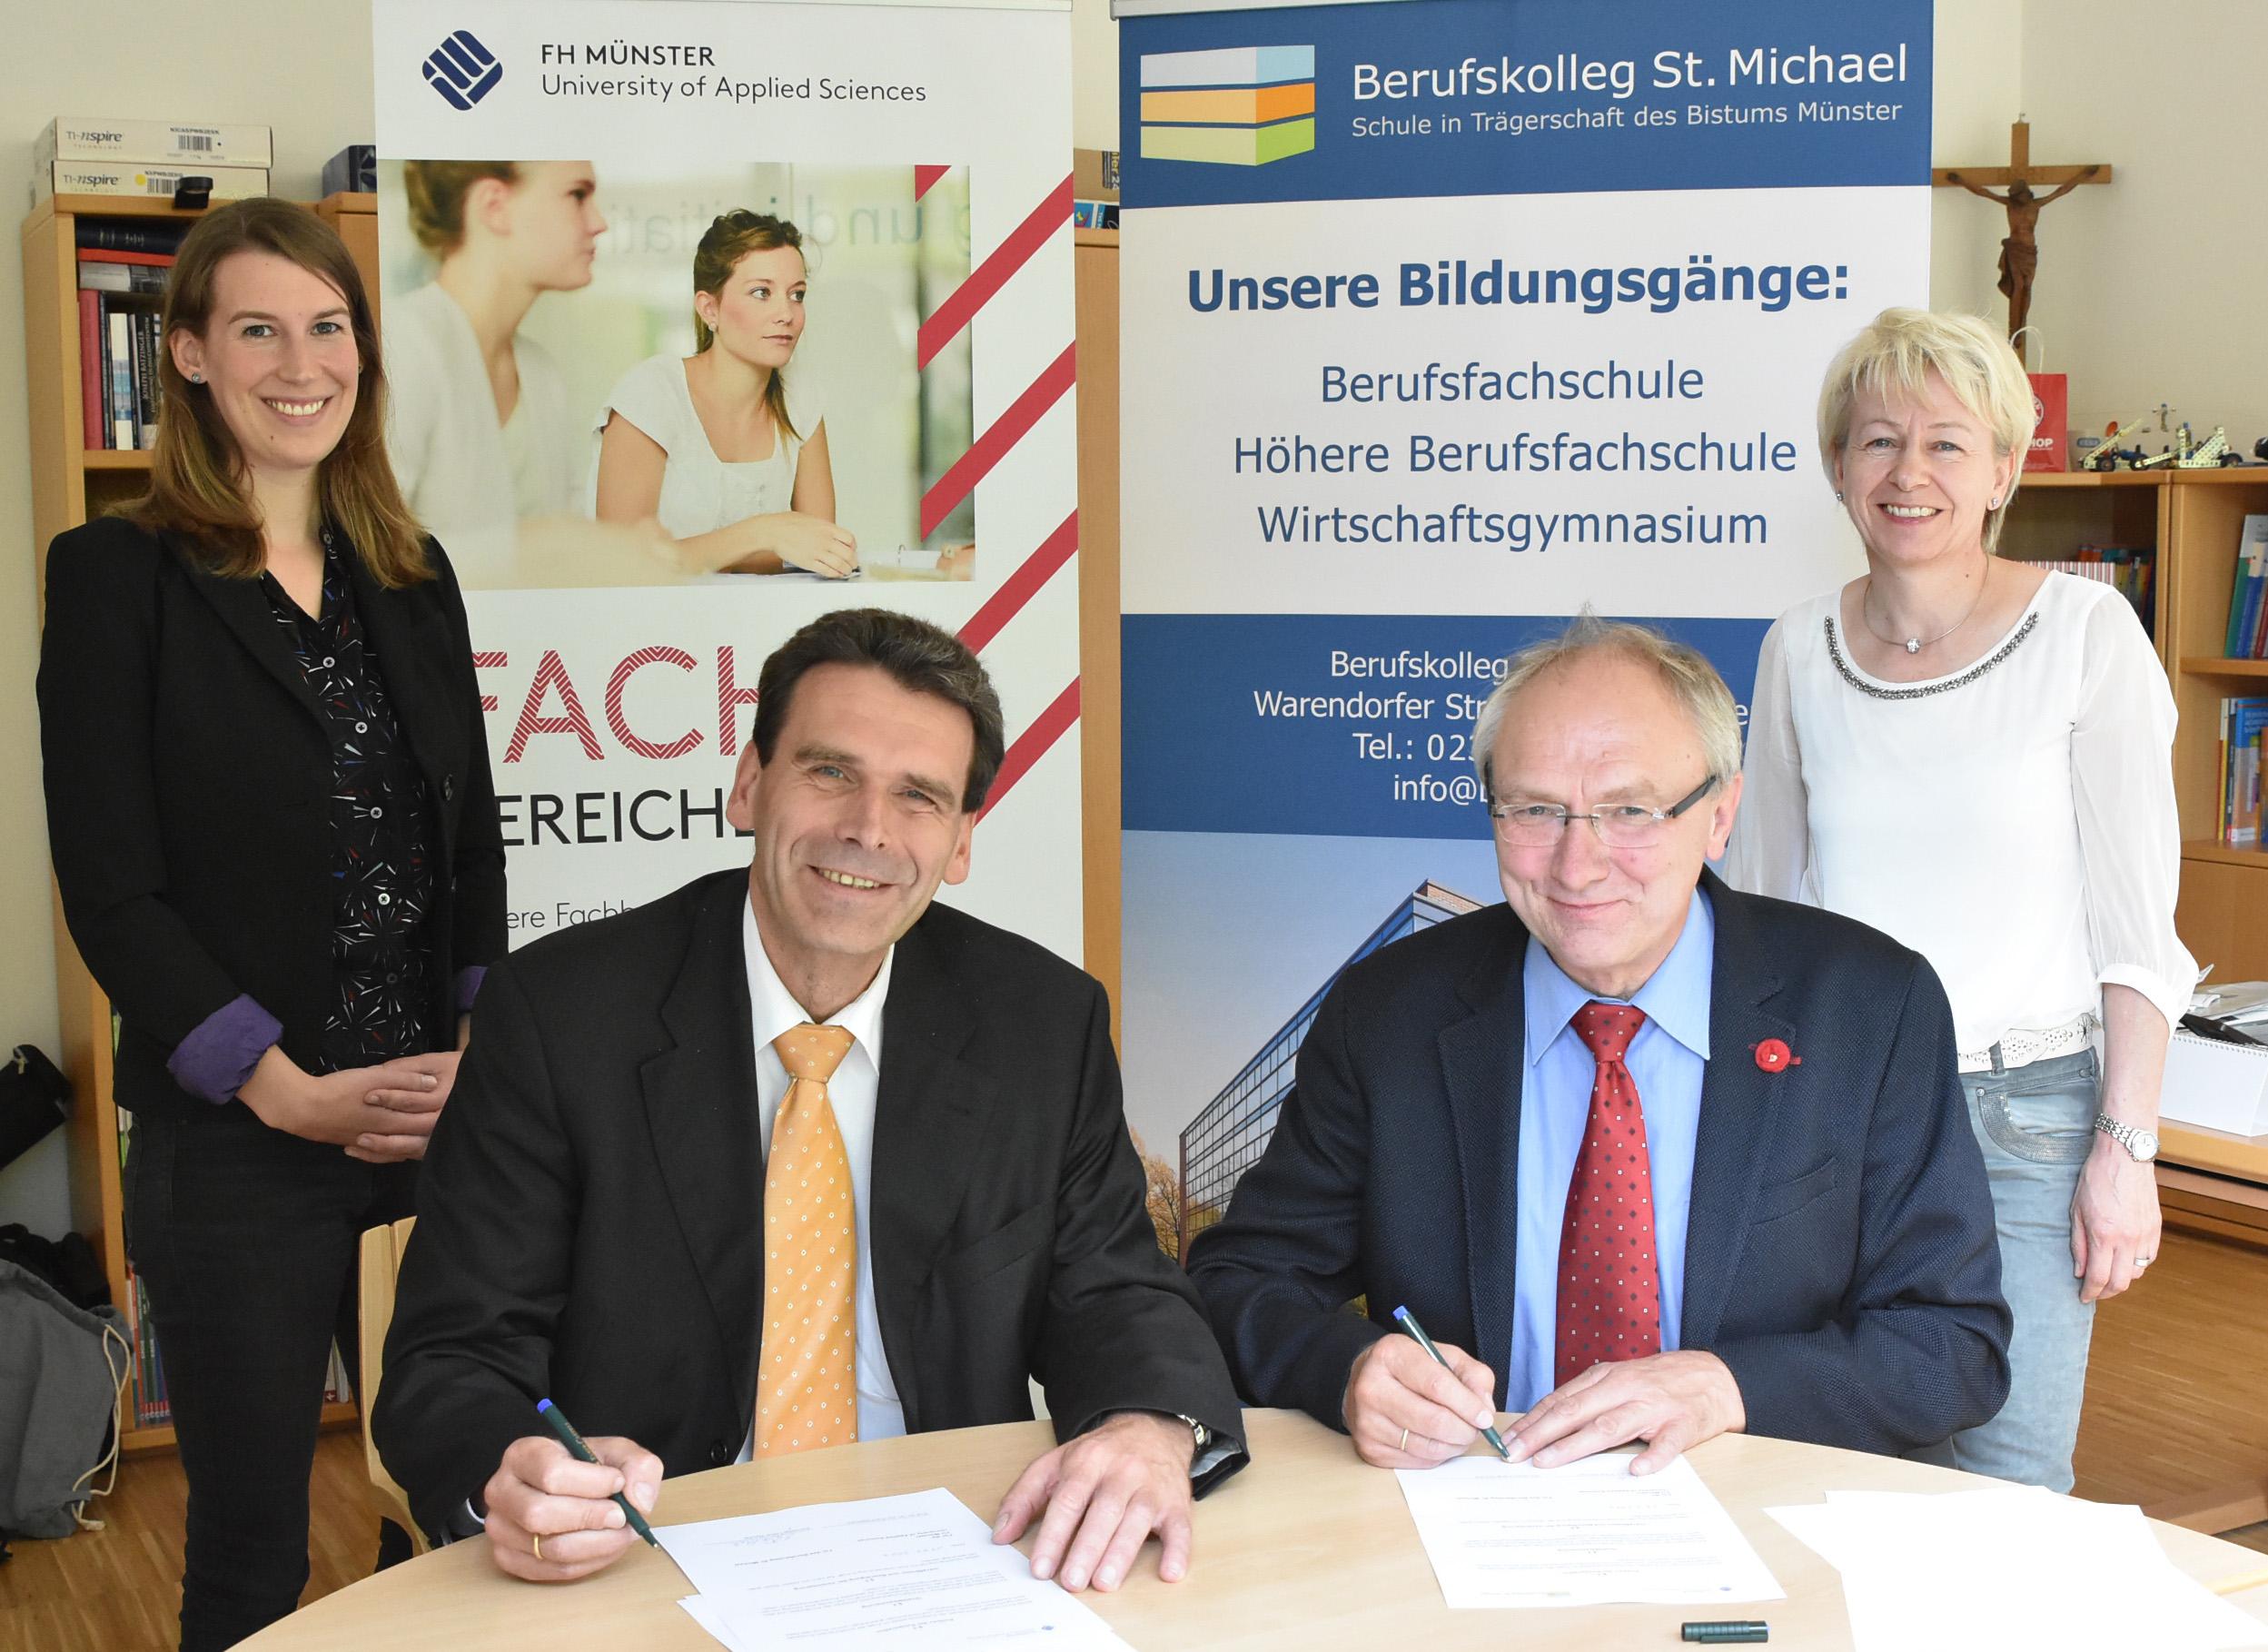 Mit ihren Unterschriften besiegelten FH-Vizepräsident Prof. Dr. Frank Dellmann (2.v.l.) und Schulleiter Lothar Weichel die langfristige Zusammenarbeit. Die Kooperation in die Wege geleitet hatten Ronja Hoffmann (l.) vom FH-Schulnetzwerk und Gertrud L